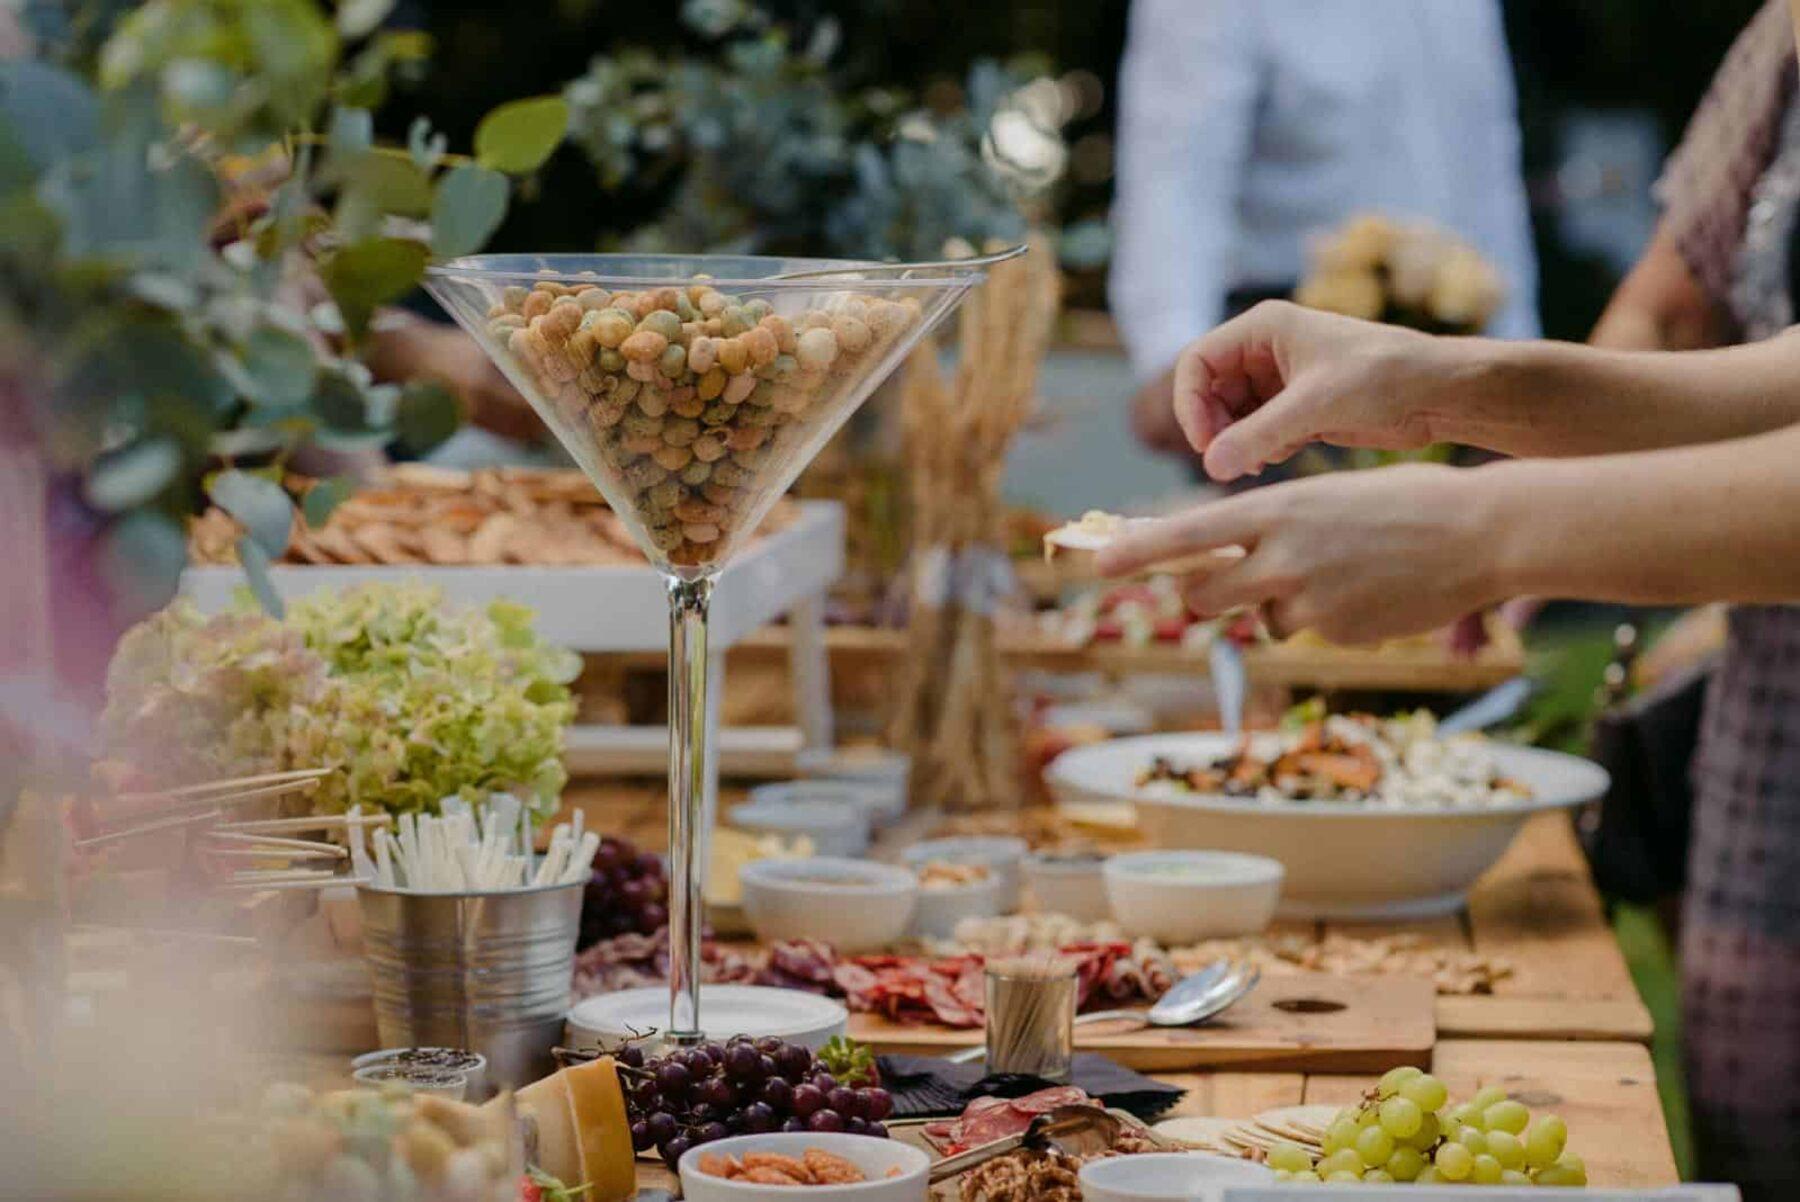 backyard wedding grazing table